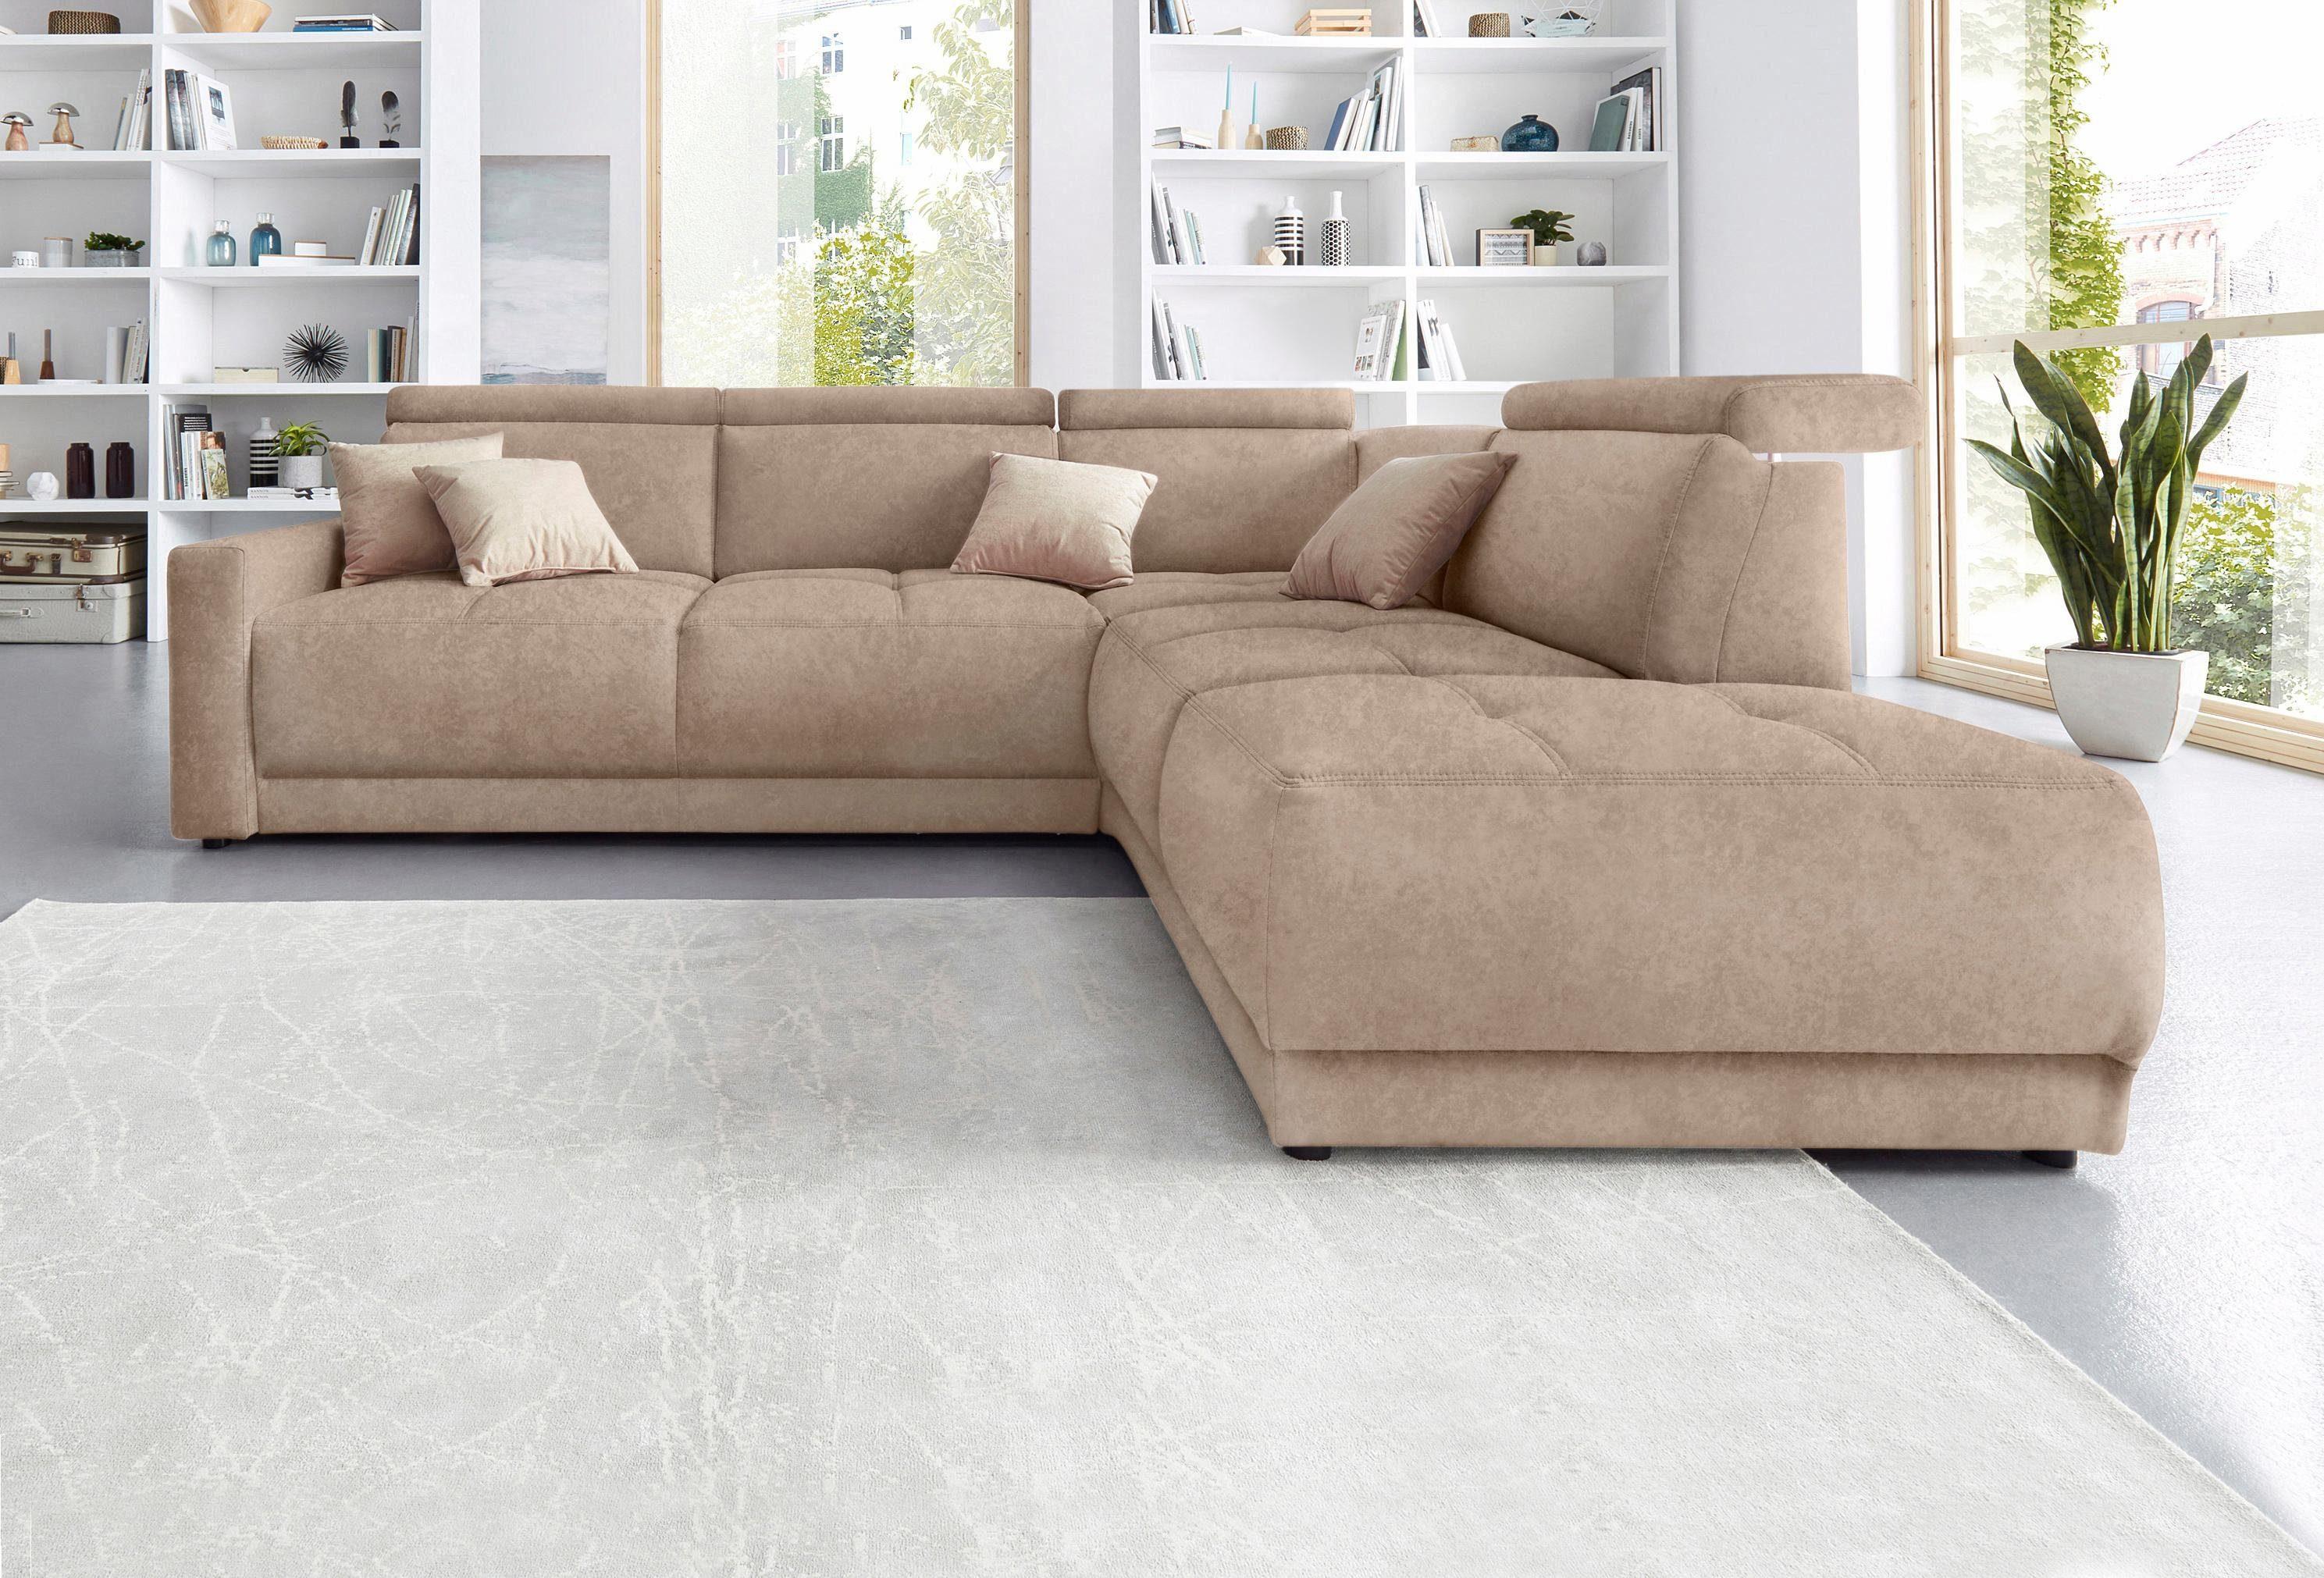 Sideboard Domo Design : Domo collection ecksofa yourhome